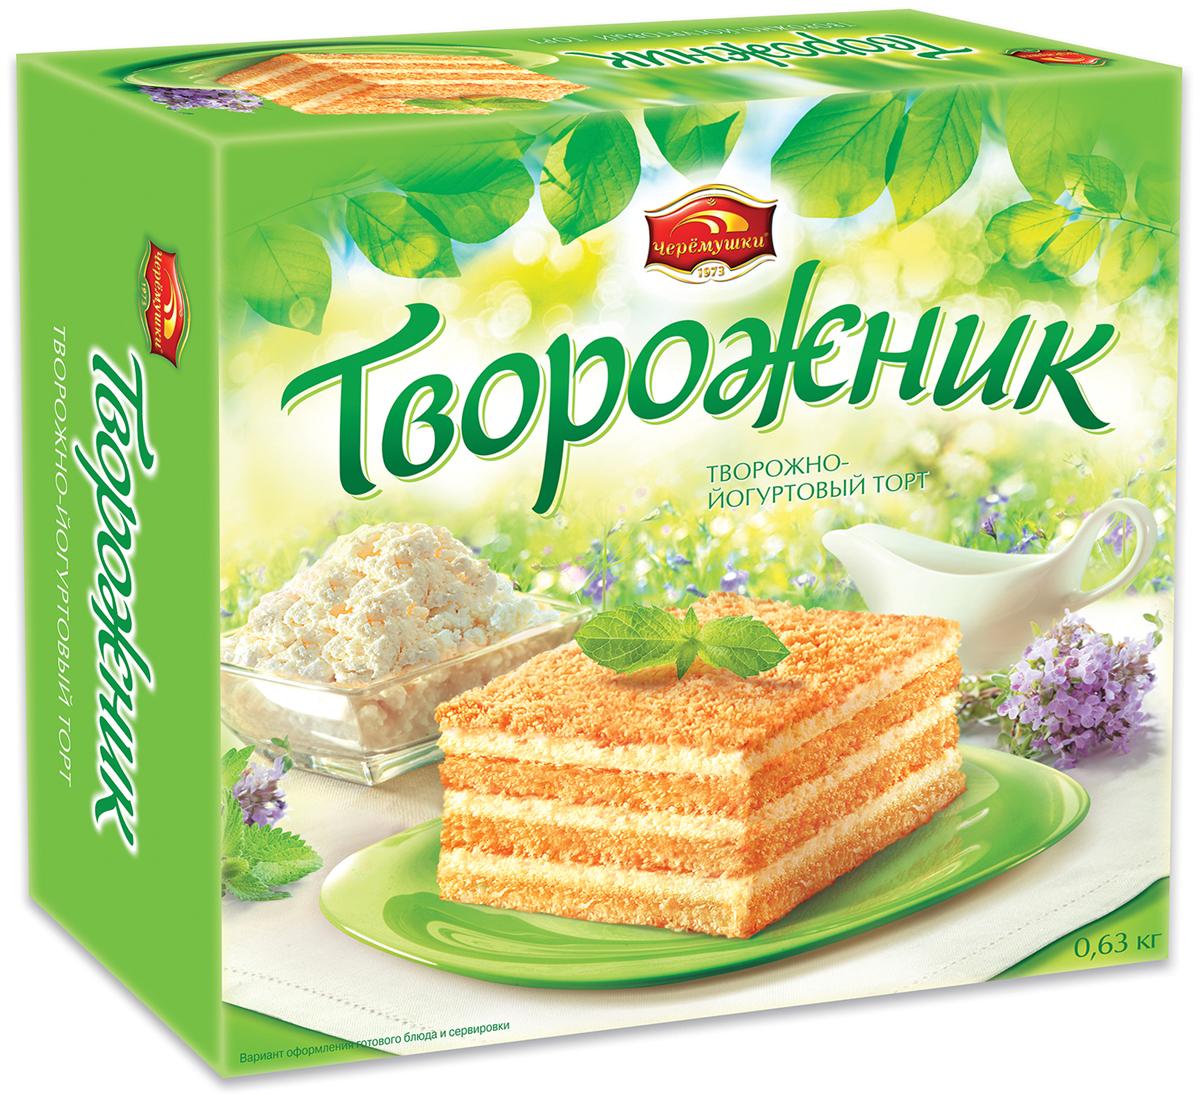 Черемушки Творожно-йогуртовый торт, 630 г активиа биопродукт творожно йогуртный малина 4 2